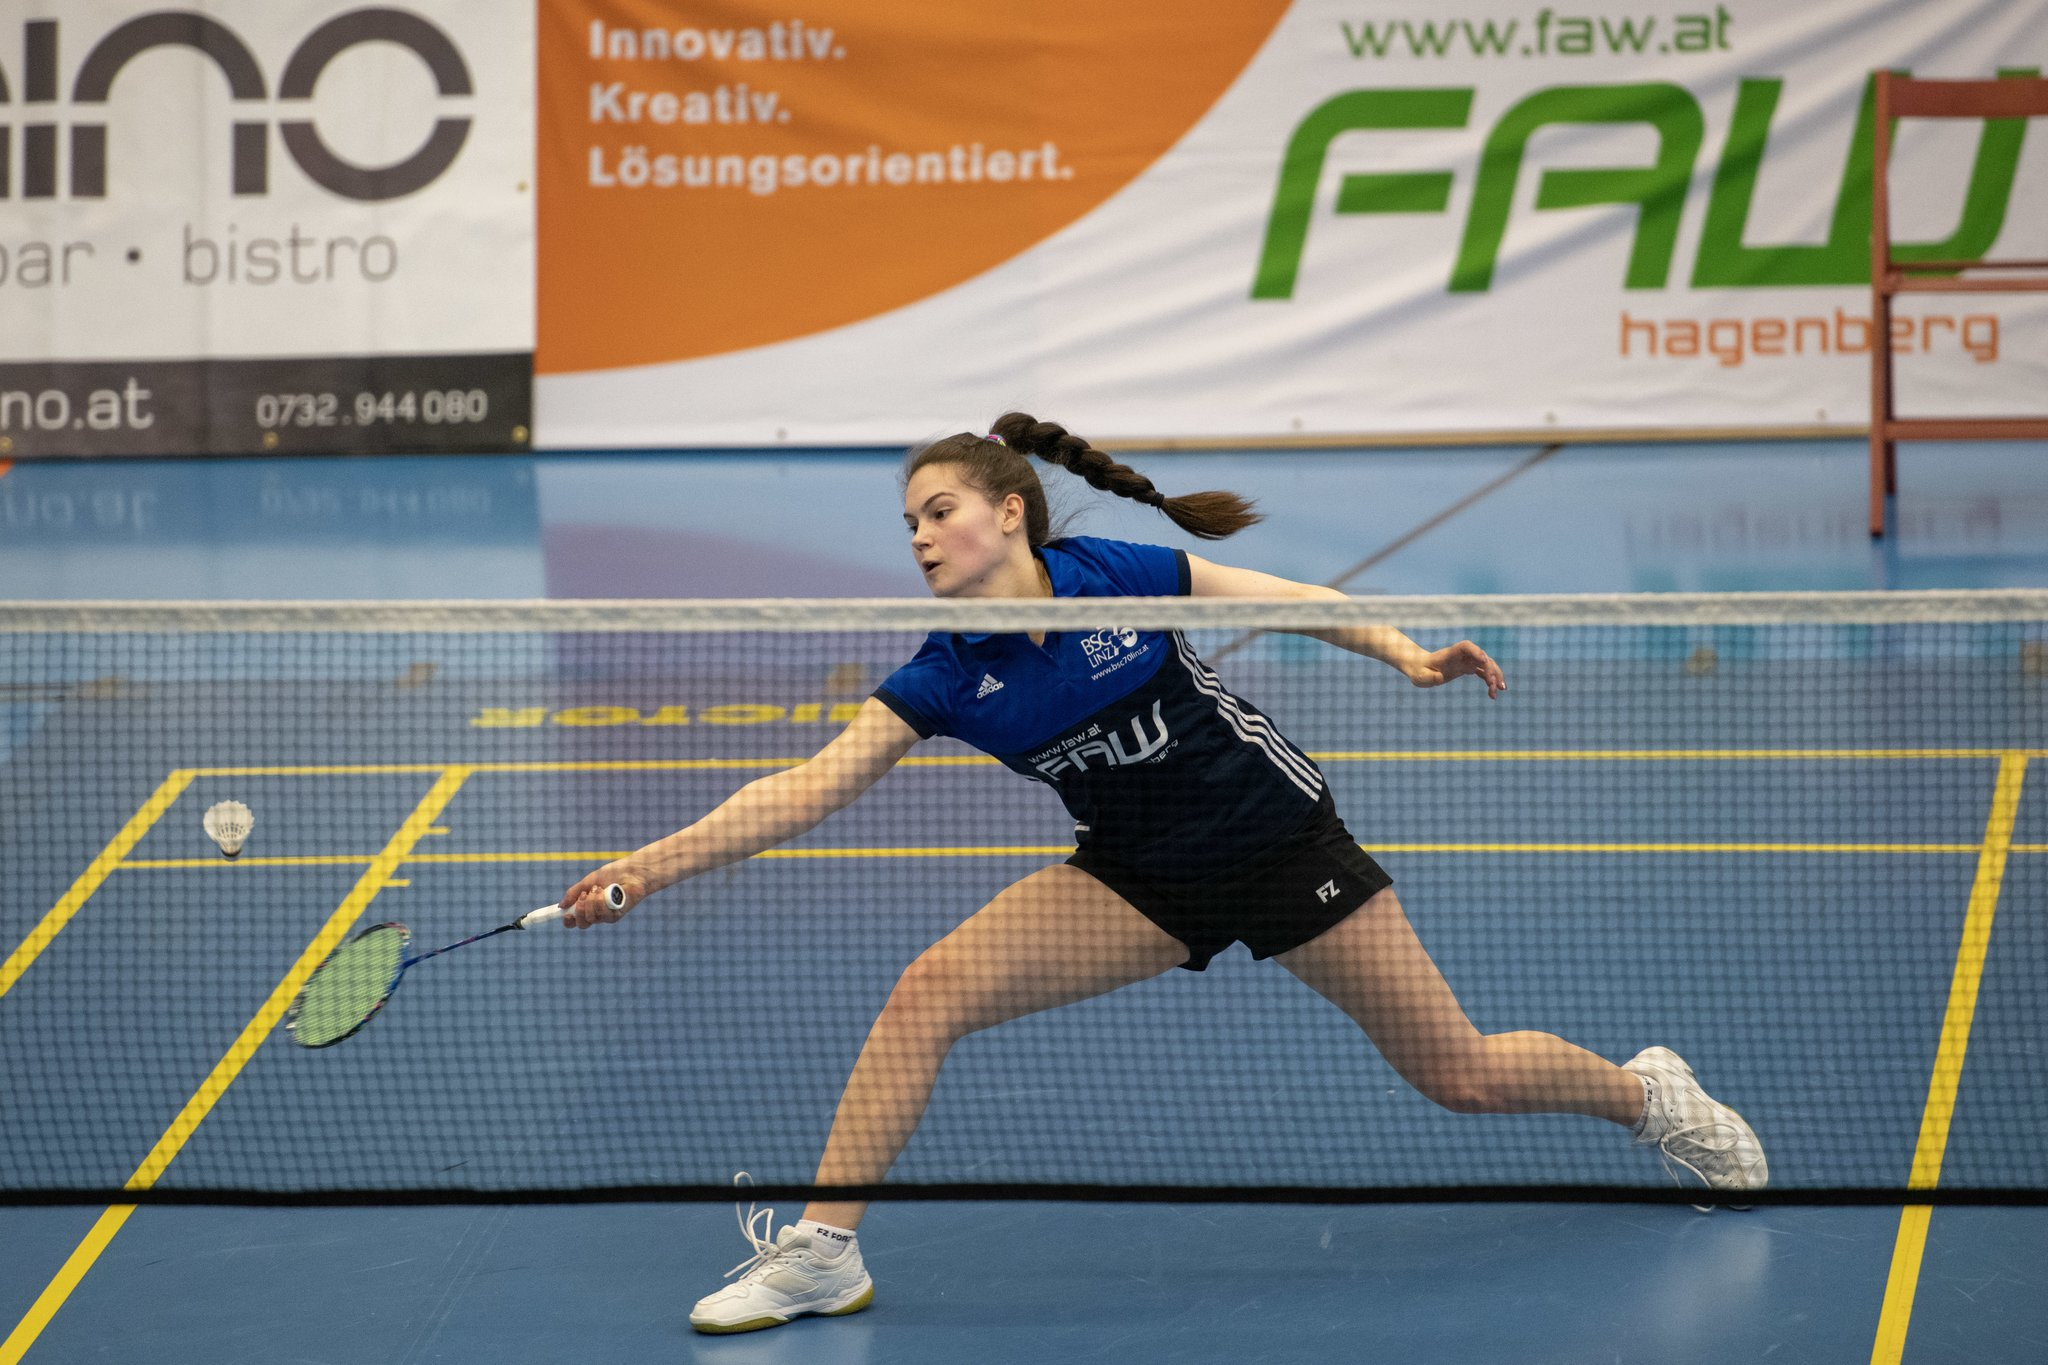 Bsc Badminton